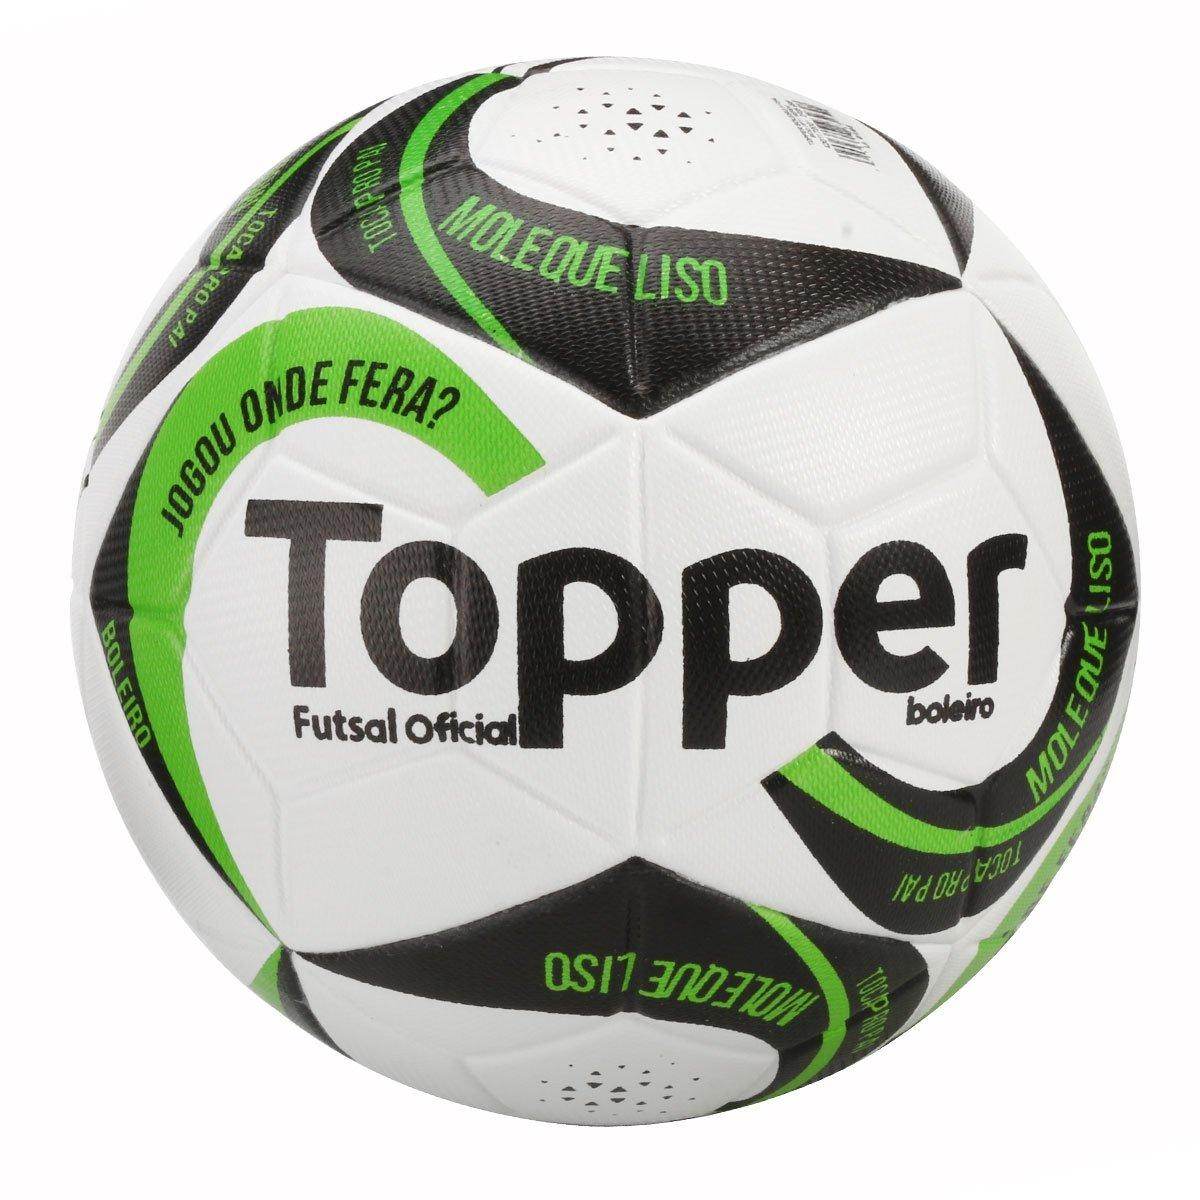 9a9a511755 Bola Topper Futsal Boleiro - Compre Agora